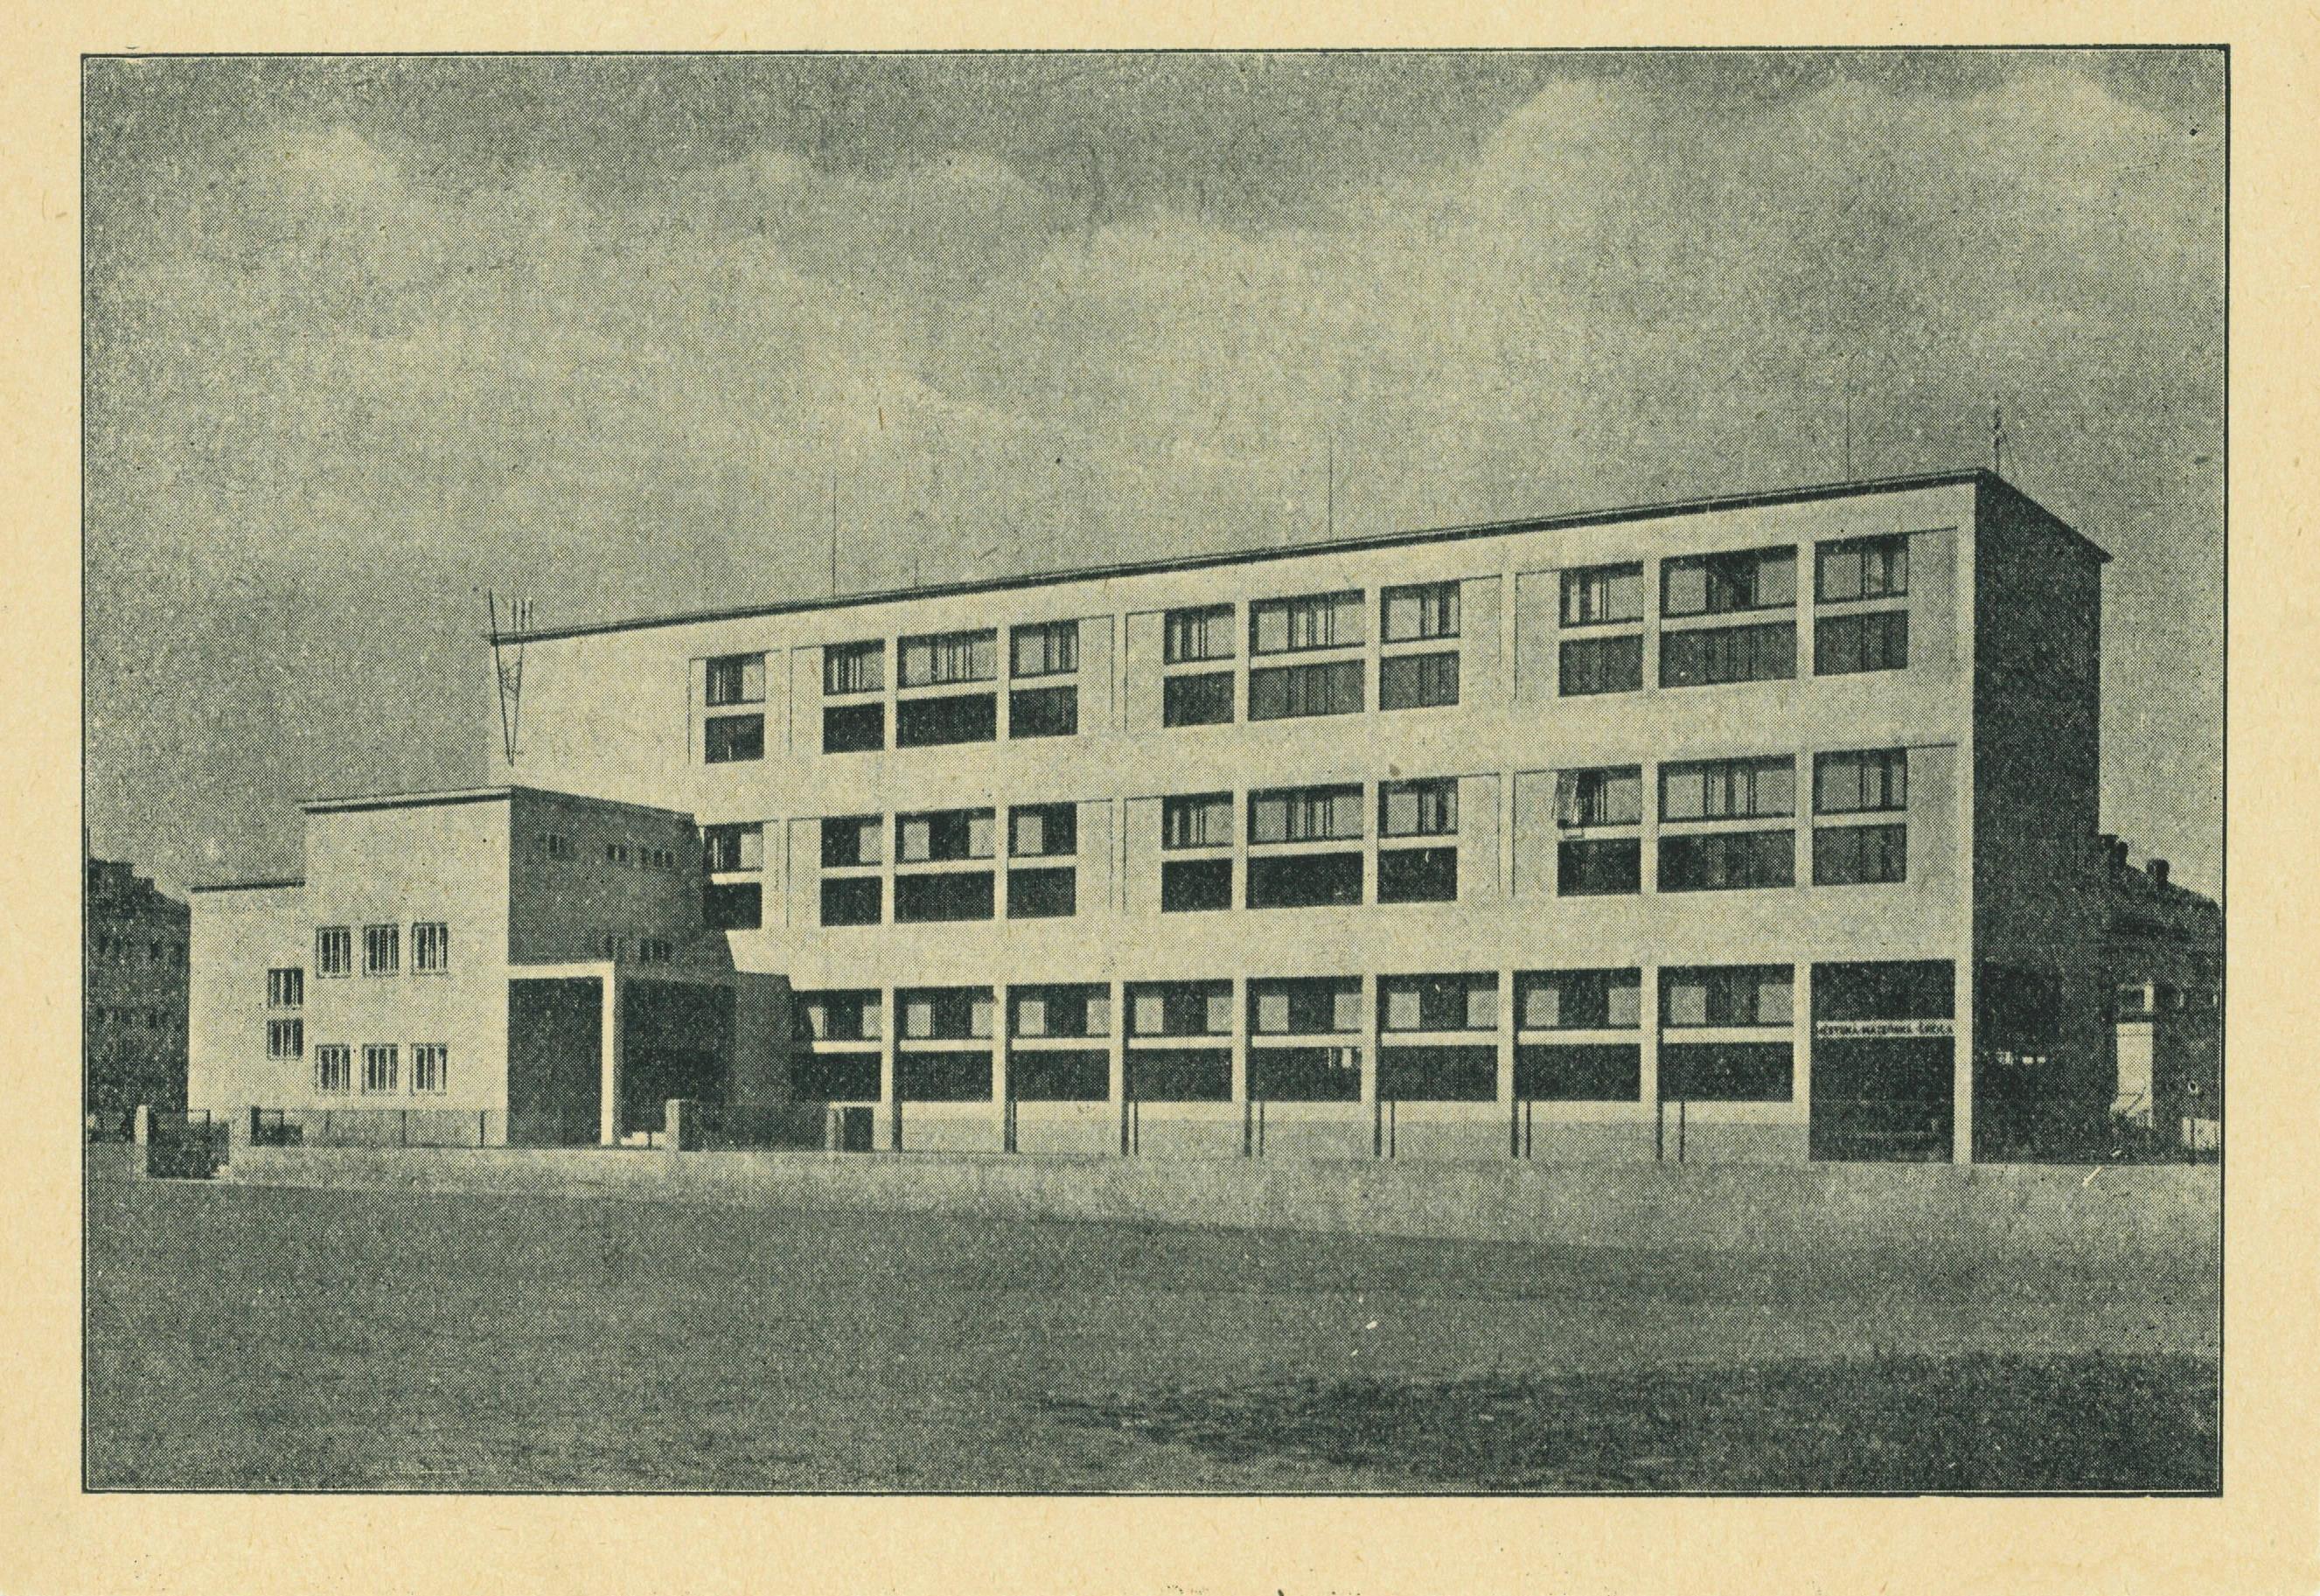 Stará fotka školy